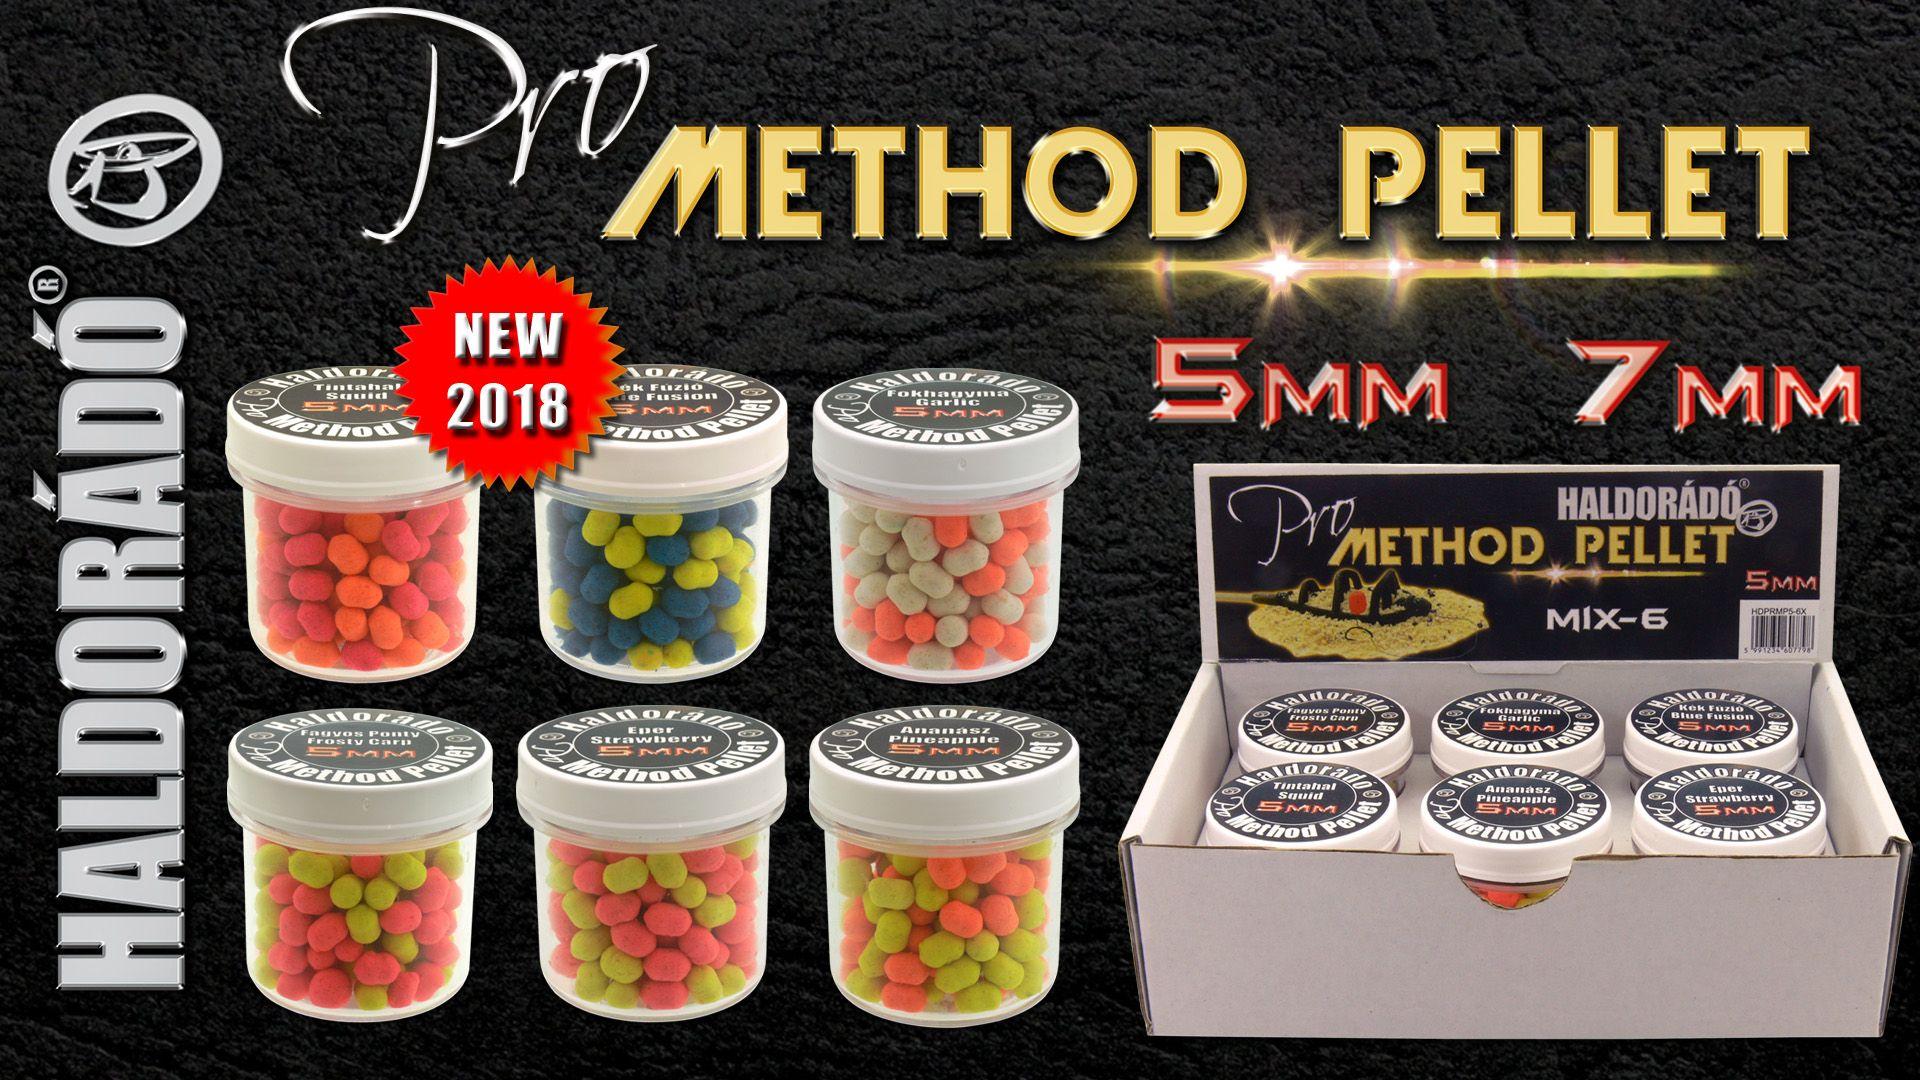 2018-ban egy újabb, kifejezetten a finom method feeder horgászathoz kifejlesztett csali újdonsággal is piacra lépünk! Ez nem más, mint a Pro Method Pellet család 5 és 7 mm-es kivitelben